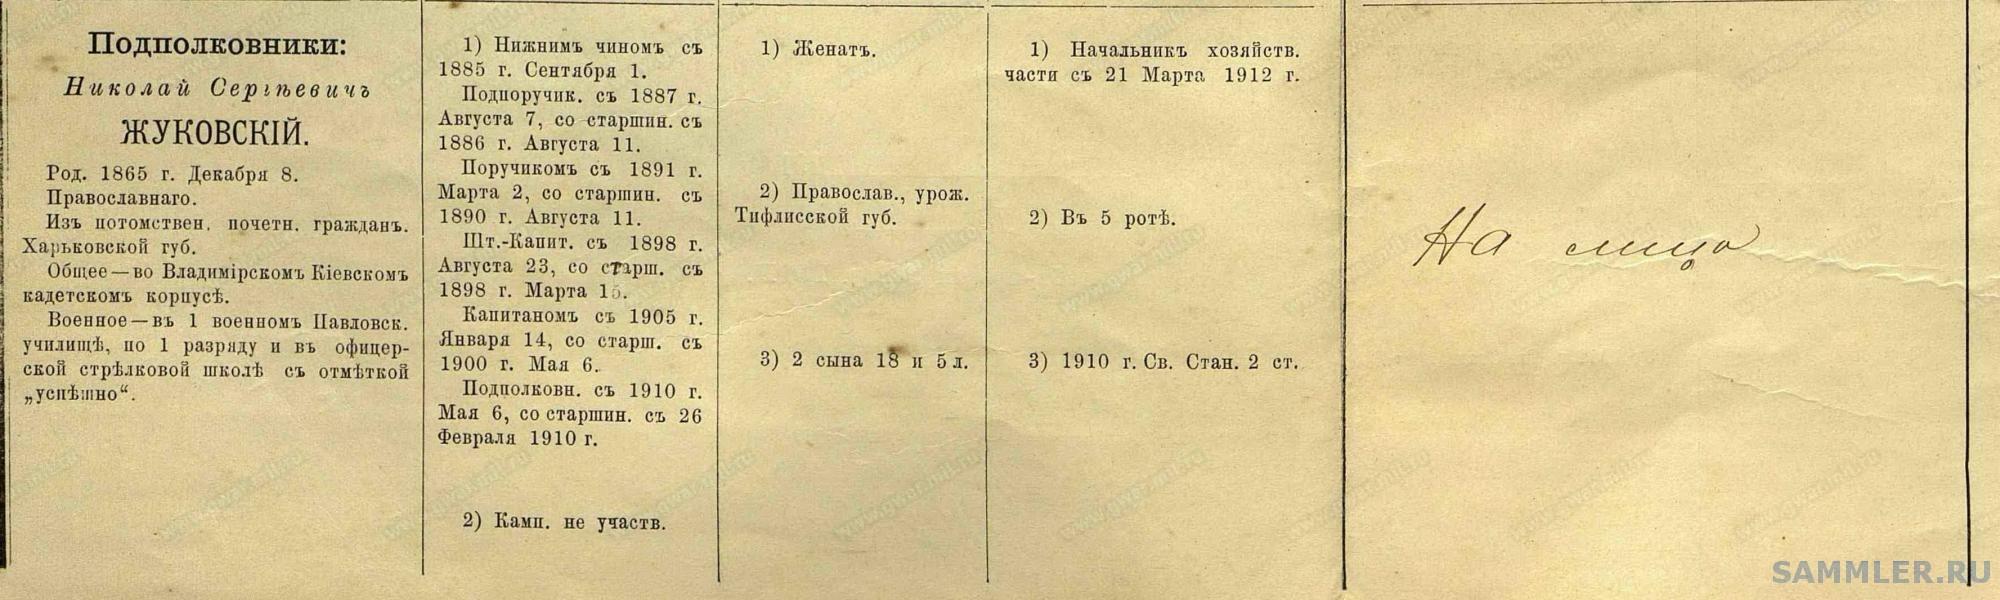 Жуковский.jpg